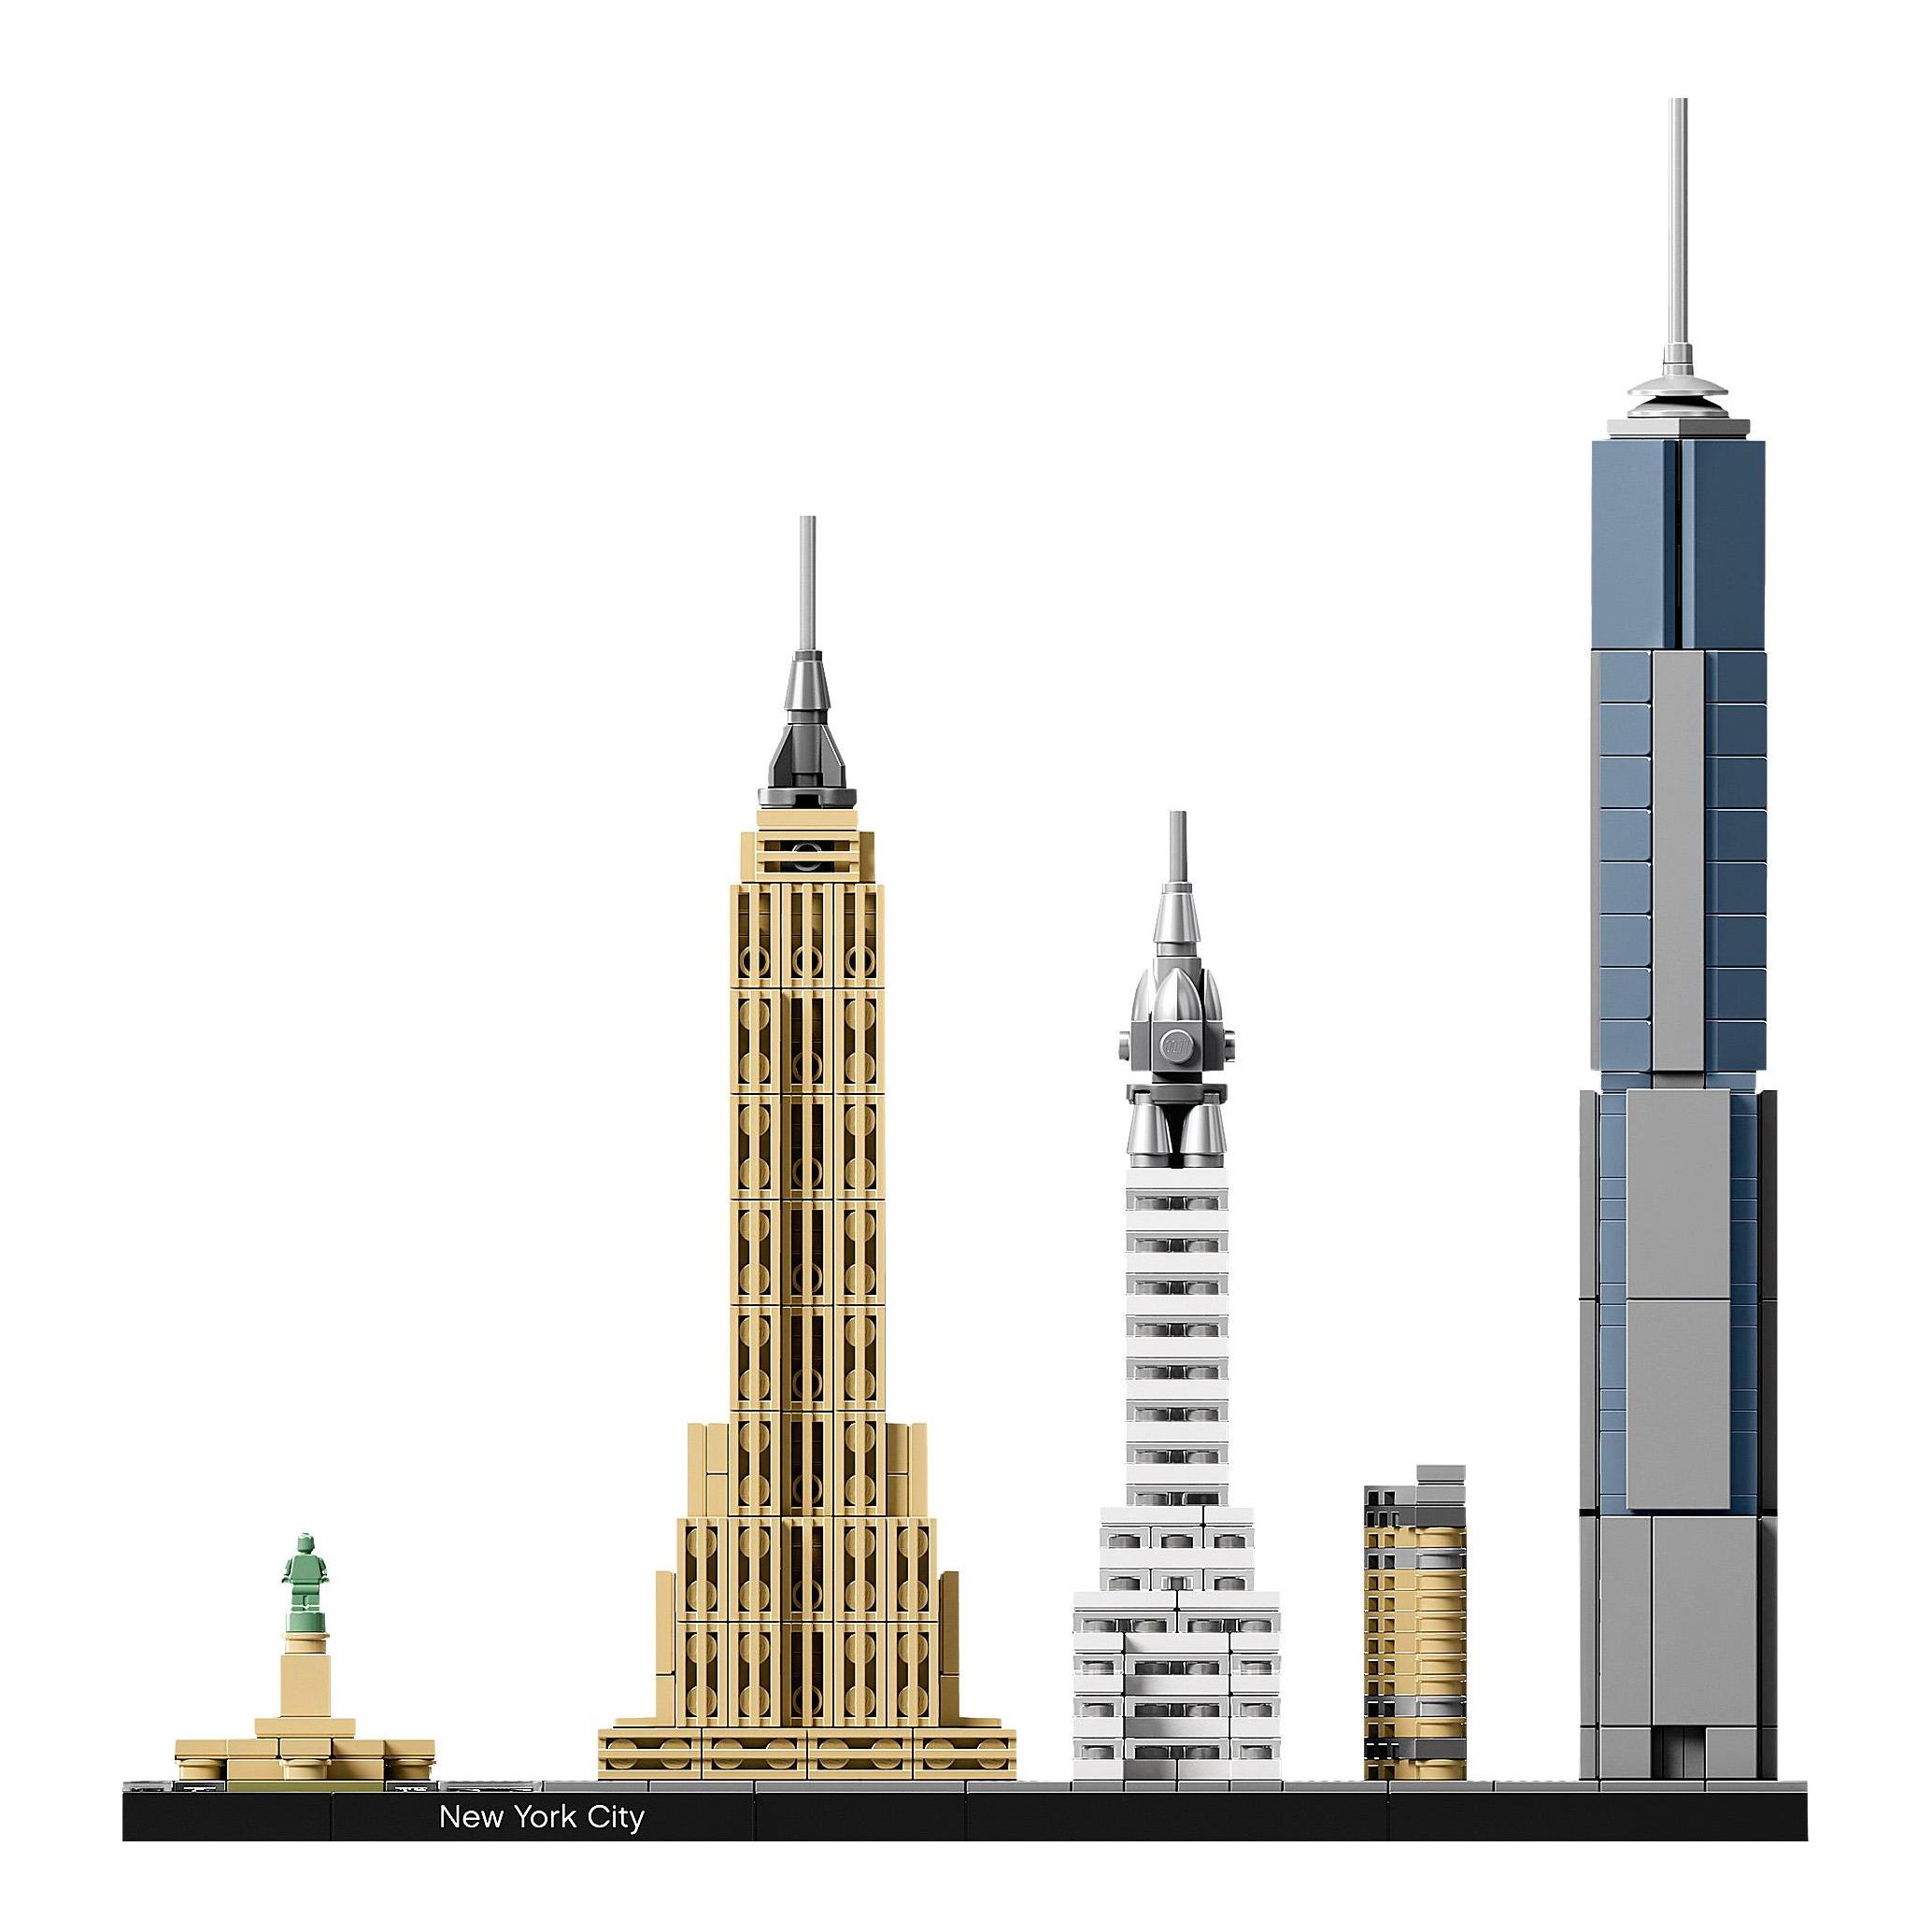 Купить Конструктор lego architecture нью-йорк 21028, Конструктор LEGO Architecture Нью-Йорк (21028),